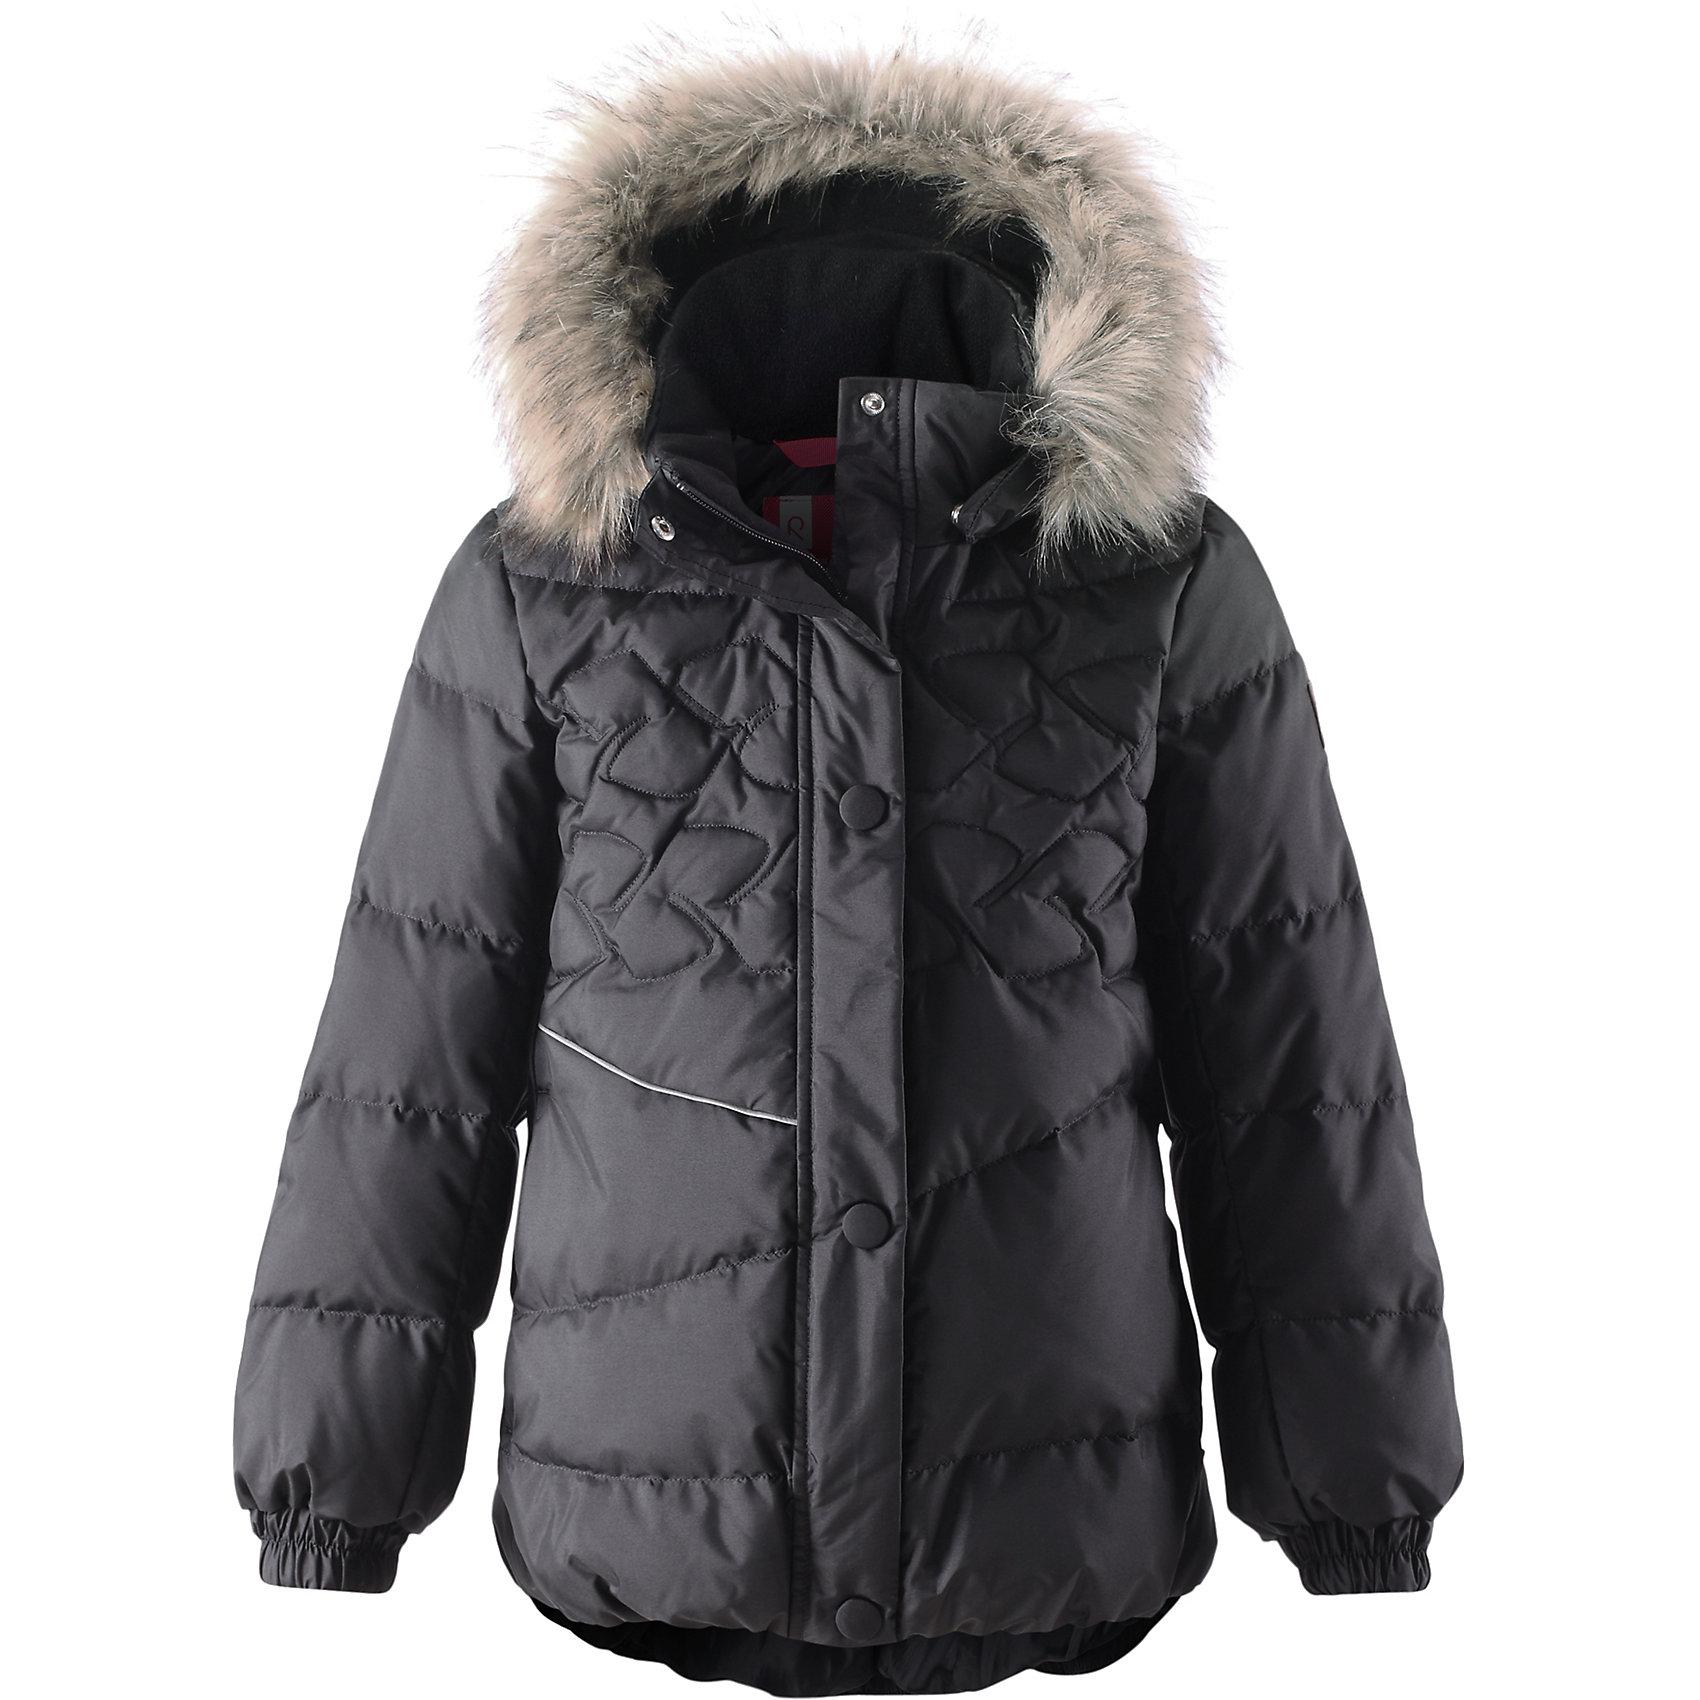 Пальто для девочки ReimaЭтот красивый пуховик согреет детей на прогулке в холодные зимние дни! Модель для девочек пошита из ветронепроницаемого дышащего материала, который отталкивает воду и грязь, чтобы обеспечить тепло и комфорт в морозные зимние дни. Куртка с подкладкой из гладкого полиэстера легко надевается и удобно носится с тёплым промежуточным слоем. Спереди и сзади эта тёплая куртка украшена элегантной вышивкой. Сзади на талии имеется фиксированная утяжка. У этой удлинённой модели слегка пышный подол. Во время прогулки маленькие сокровища можно спрятать в два боковых кармана на молнии. Съёмный капюшон не только защищает от холодного ветра, но и безопасен. Если закреплённый кнопками капюшон зацепится за что-нибудь, он легко отстегнётся. Завершающий штрих - съёмная отделка из искусственного меха на капюшоне.<br><br> Водоотталкивающий пуховик для девочек-подростков<br> Безопасный съёмный капюшон с отстёгивающейся отделкой из искусственного меха<br> Эластичные манжеты<br> Боковые карманы на молниях<br><br>Состав:<br>55% ПА 45% ПЭ, ПУ-покрытие<br>Высокая степень утепления (до - 30)<br>Утеплитель: пух<br><br>Куртку Reima (Рейма) можно купить в нашем магазине.<br><br>Ширина мм: 356<br>Глубина мм: 10<br>Высота мм: 245<br>Вес г: 519<br>Цвет: черный<br>Возраст от месяцев: 96<br>Возраст до месяцев: 108<br>Пол: Женский<br>Возраст: Детский<br>Размер: 134,128,116,140,110,122,152,164,158,146<br>SKU: 4417178